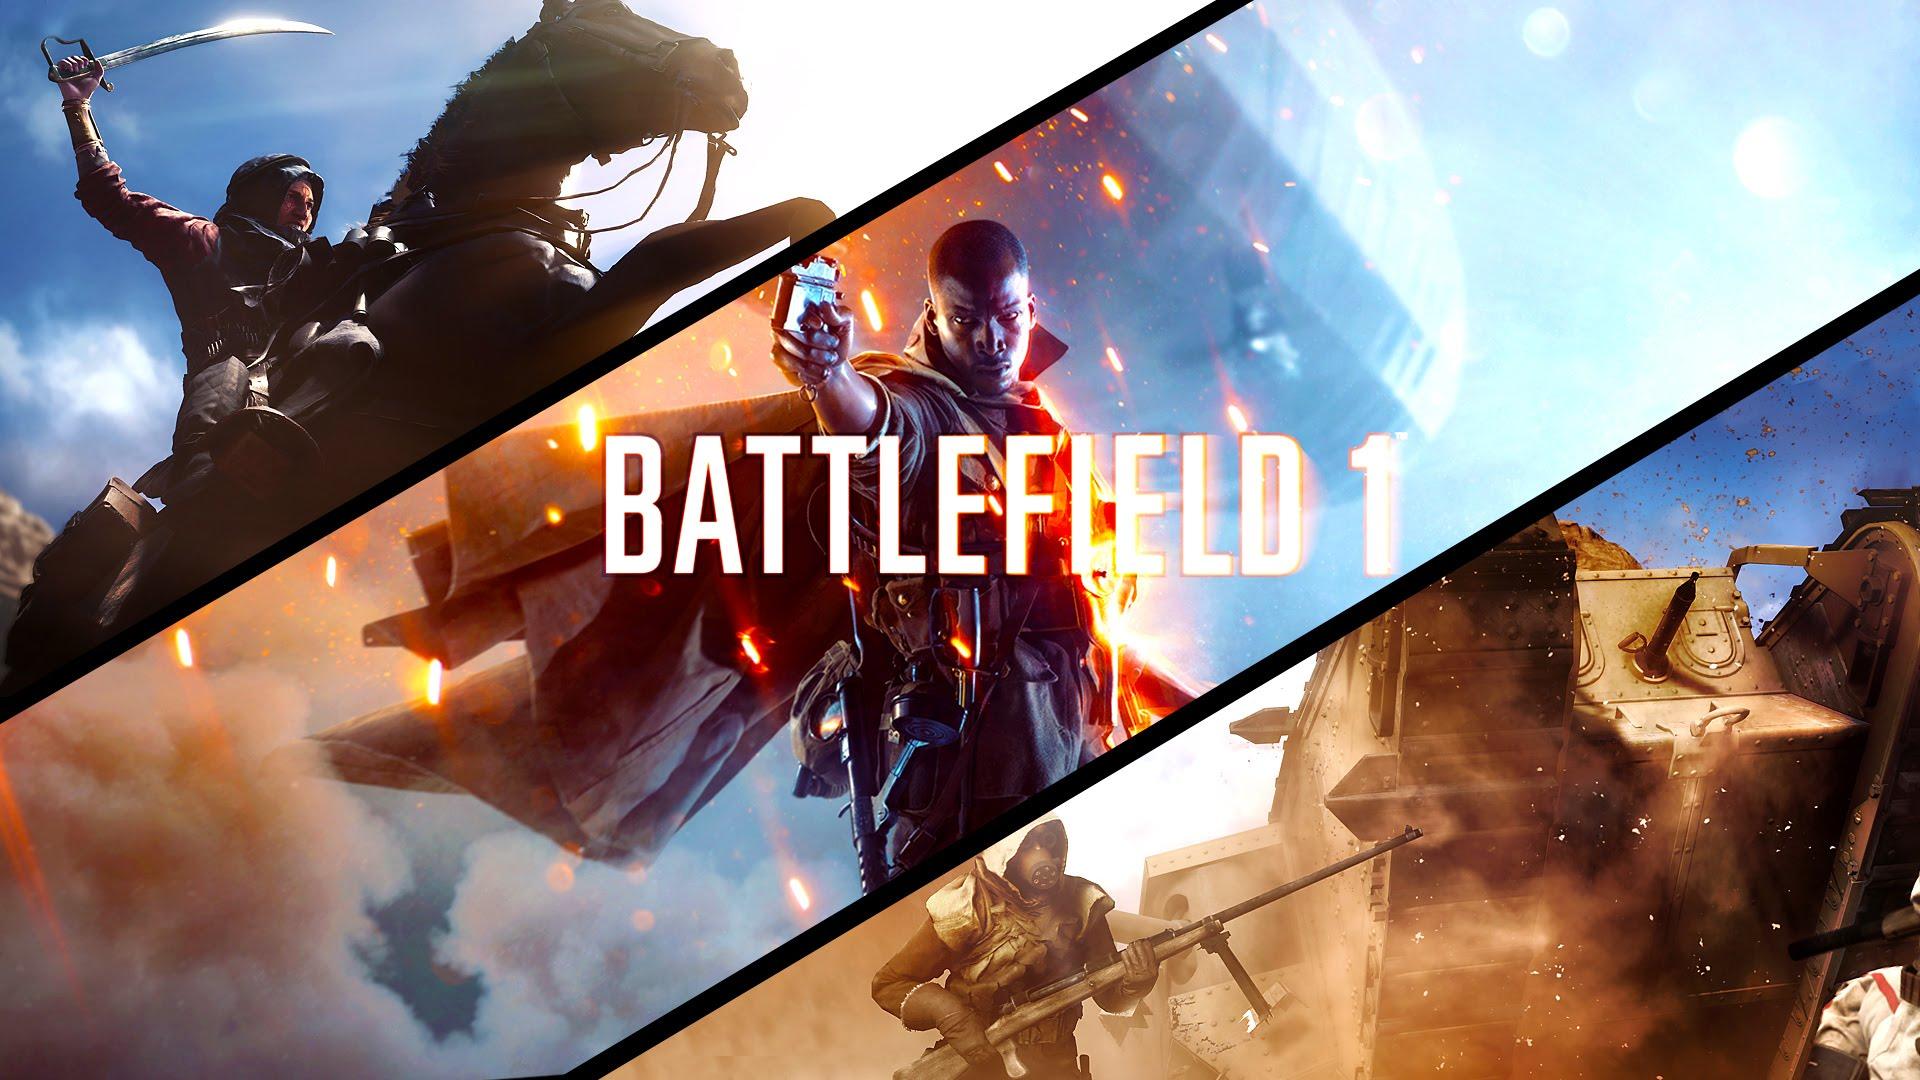 لعبة Battlefield 1 تحقق رقم قياسي بتاريخ ستديو DICE!